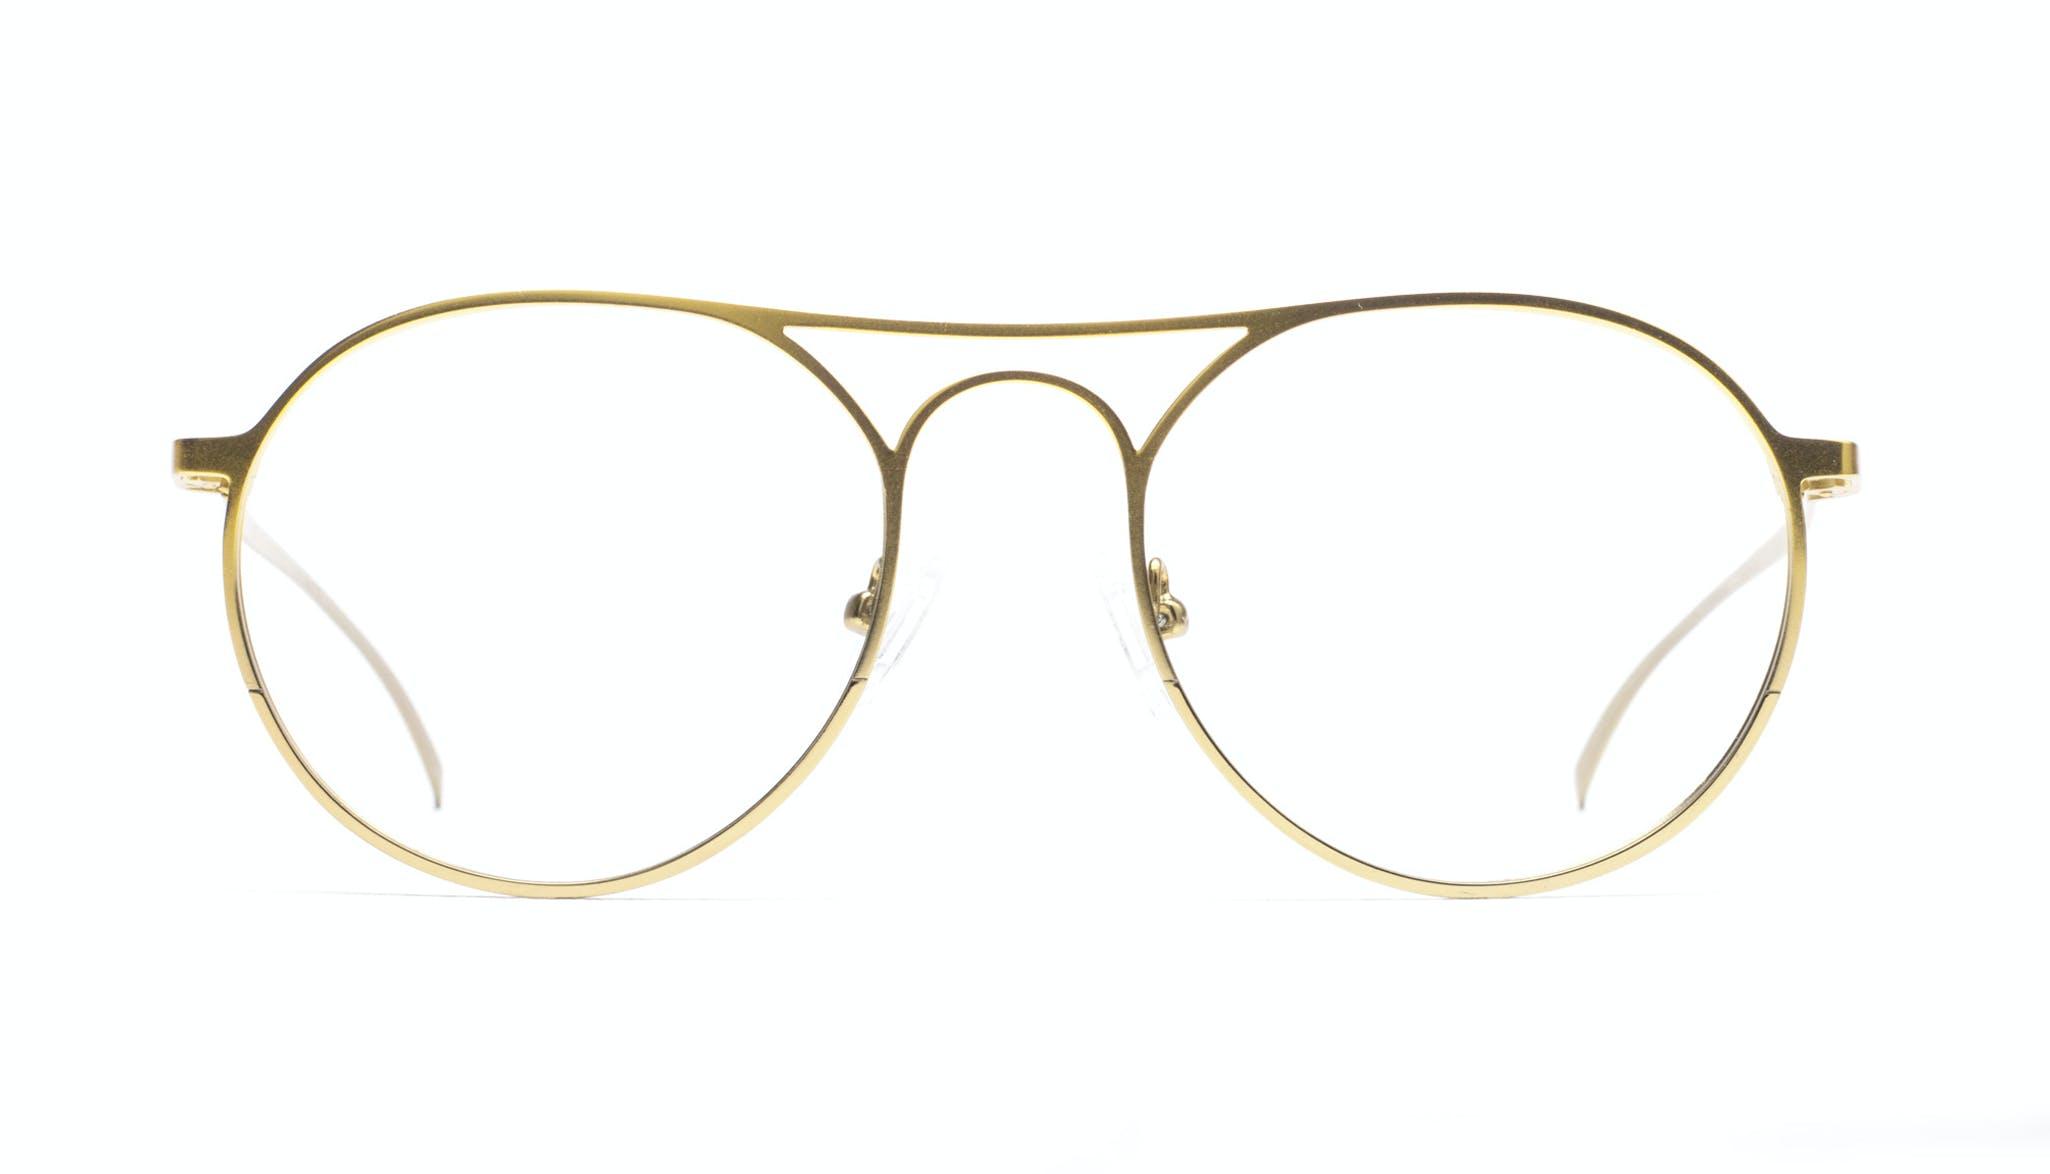 Lunettes tendance Lunettes aviateur Ronde Lunettes de vue Hommes Contour Gold